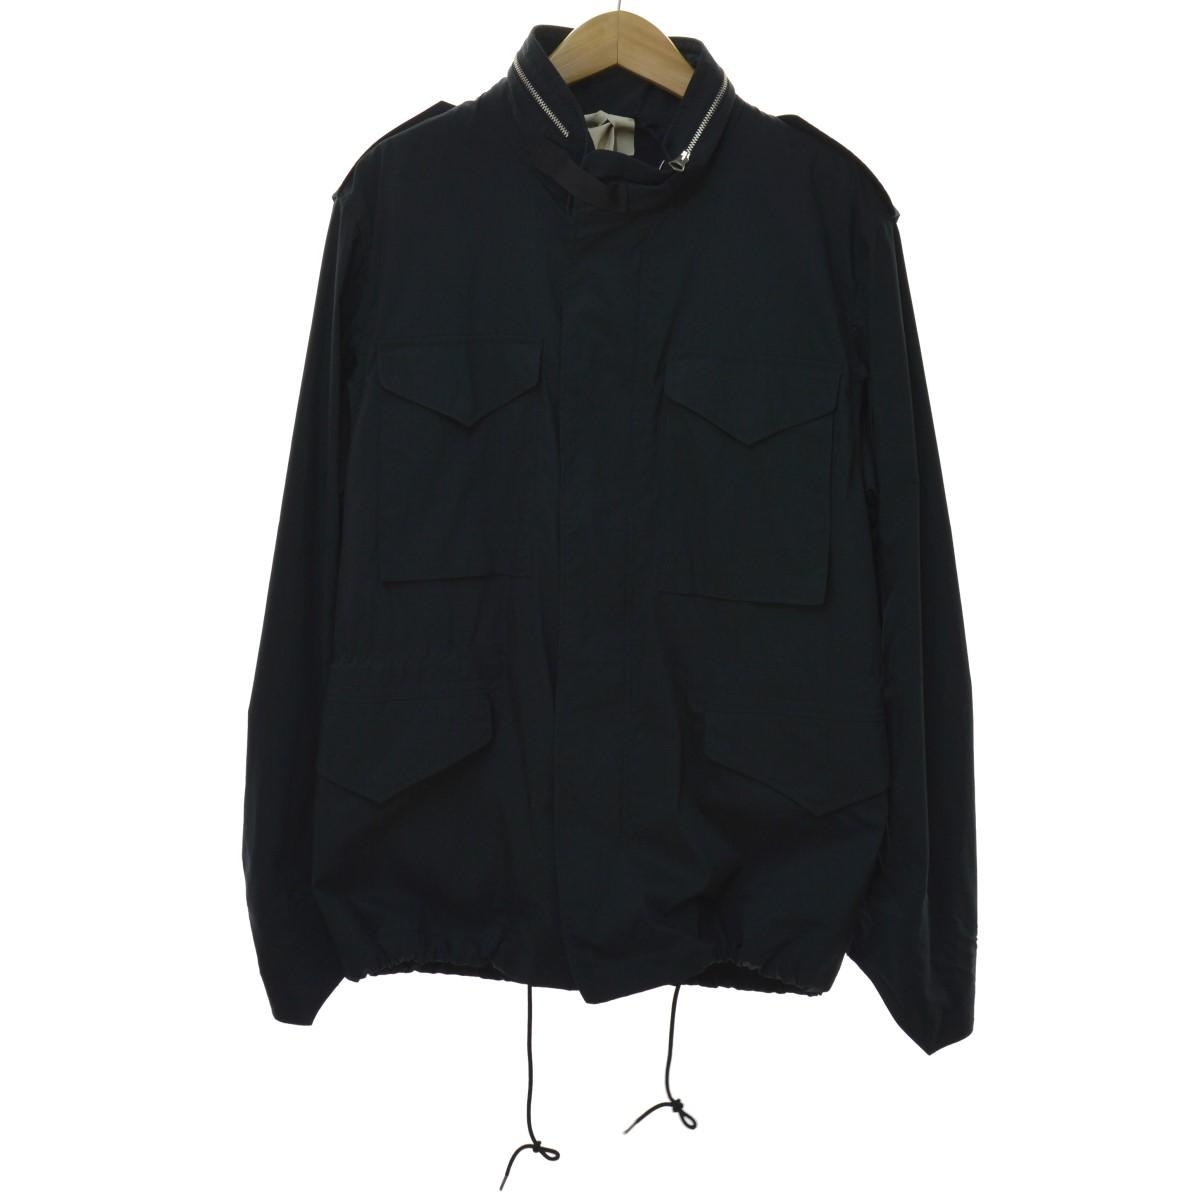 【中古】Ten C 「M93/494 Field Jacket」フィールドジャケット ブラック サイズ:50 【050420】(テンシー)